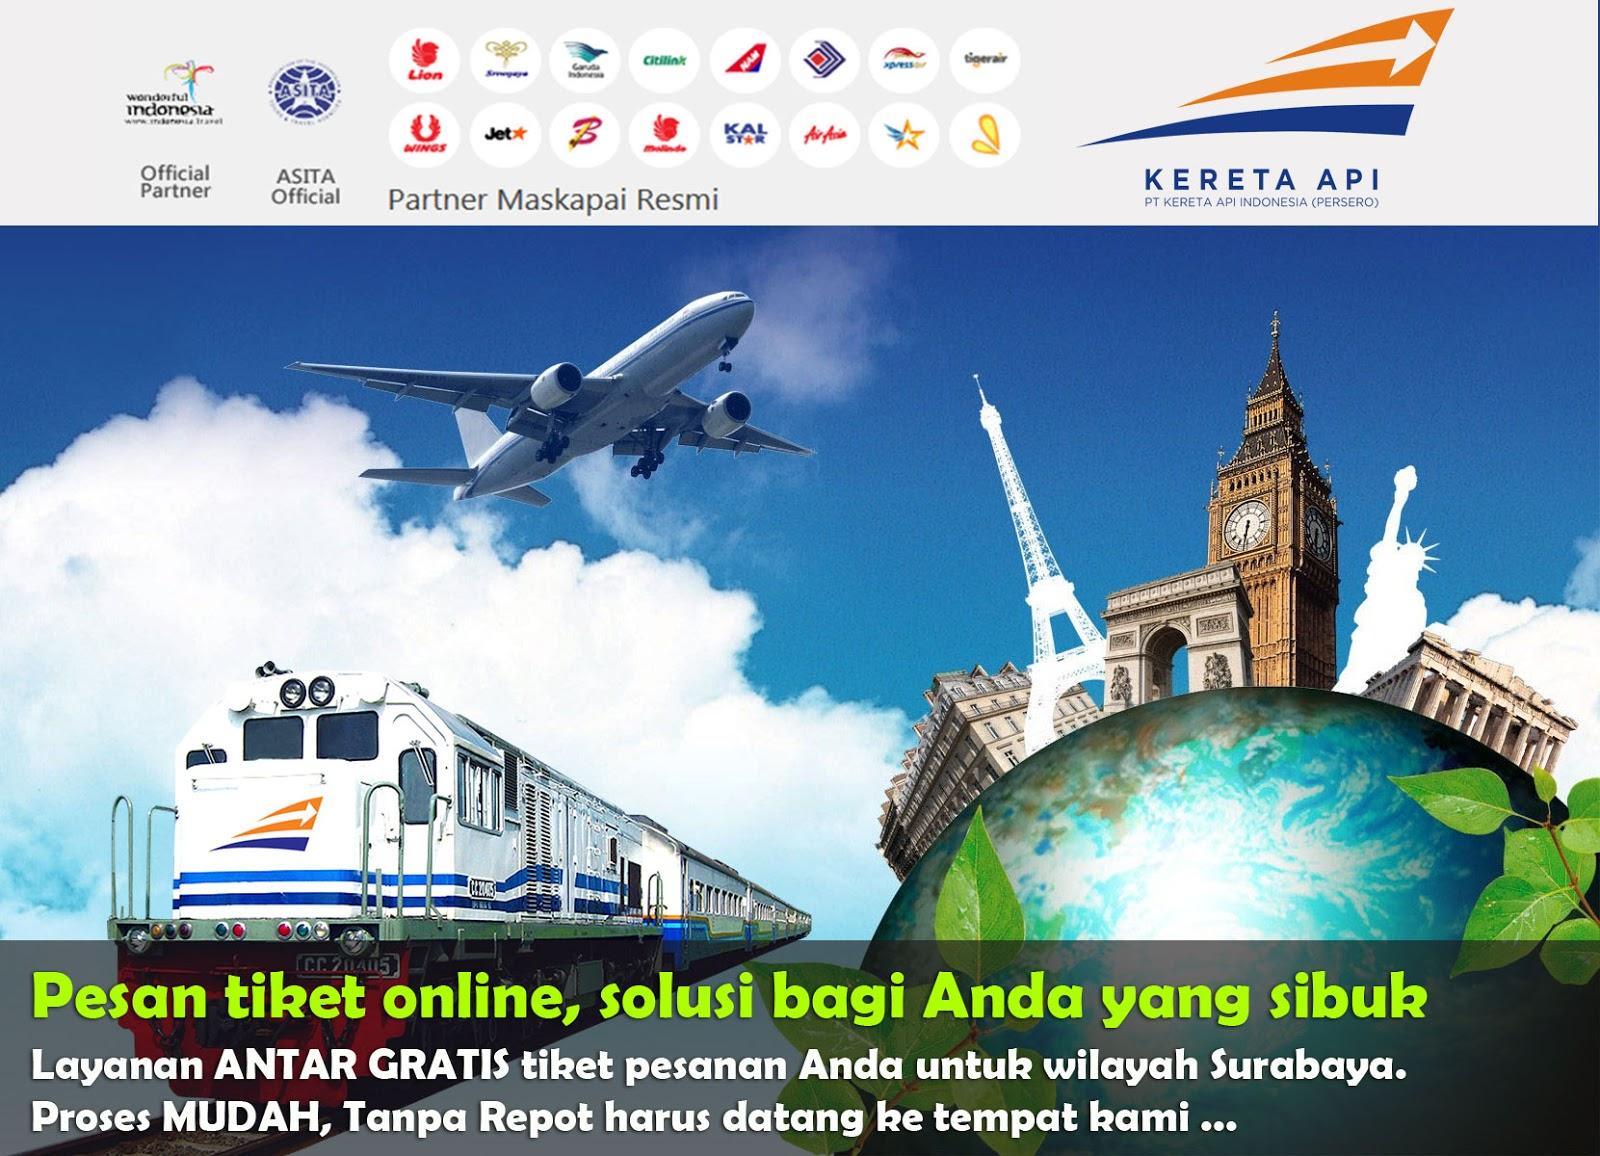 Jasa Penjualan Tiket Online Ashanty Tour And Travel